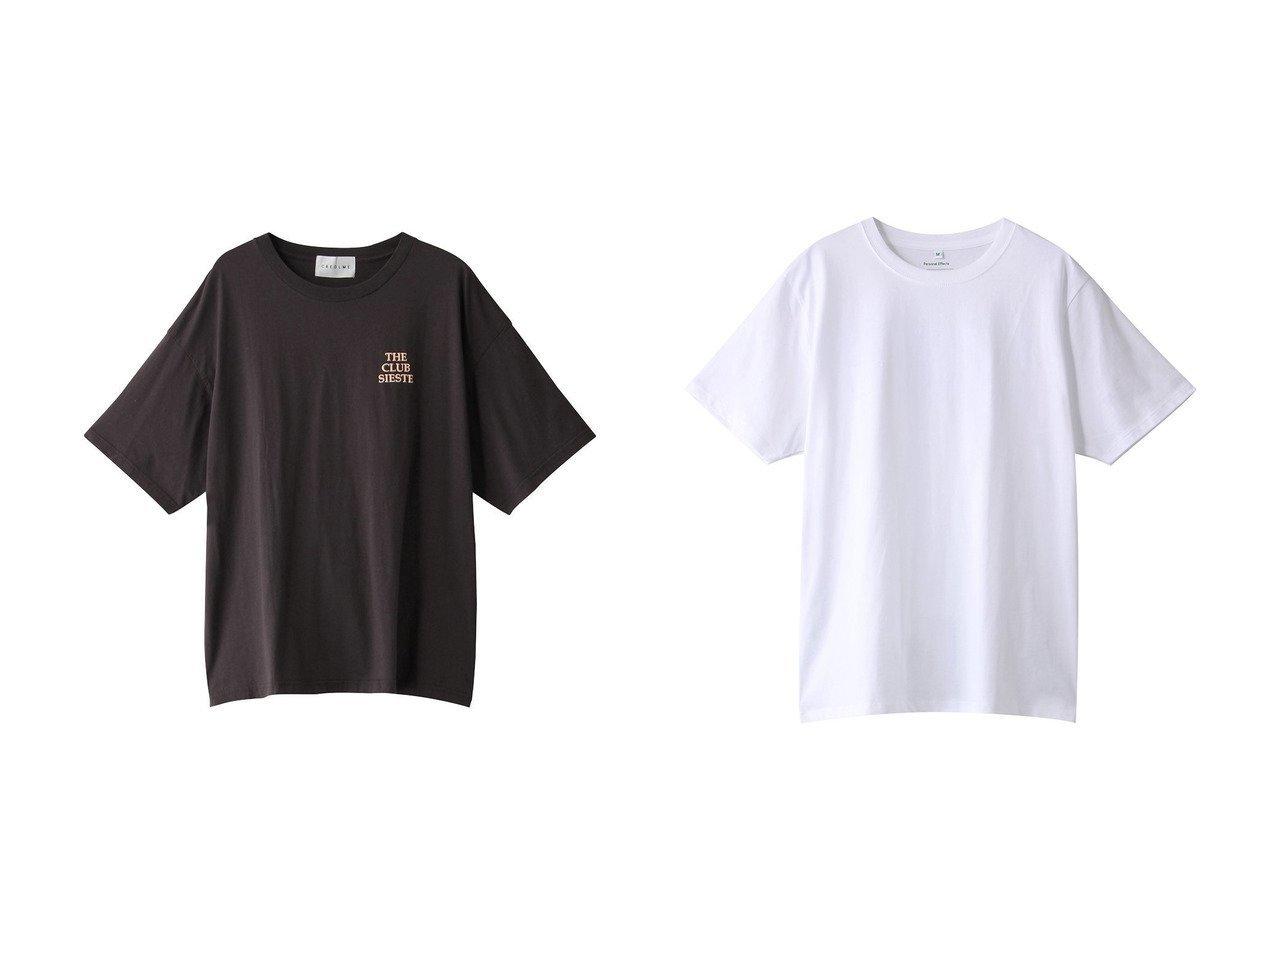 【ROSE BUD/ローズバッド】の【CREOLME】THE CLUB SIESTA Tシャツ&【GALLARDAGALANTE/ガリャルダガランテ】の【Personal Effects】カットソー/HAWAIAN CEMENT 【トップス・カットソー】おすすめ!人気、トレンド・レディースファッションの通販 おすすめで人気の流行・トレンド、ファッションの通販商品 メンズファッション・キッズファッション・インテリア・家具・レディースファッション・服の通販 founy(ファニー) https://founy.com/ ファッション Fashion レディースファッション WOMEN トップス・カットソー Tops/Tshirt シャツ/ブラウス Shirts/Blouses ロング / Tシャツ T-Shirts カットソー Cut and Sewn S/S・春夏 SS・Spring/Summer ショート スリーブ フロント ボトム 春 Spring |ID:crp329100000033763